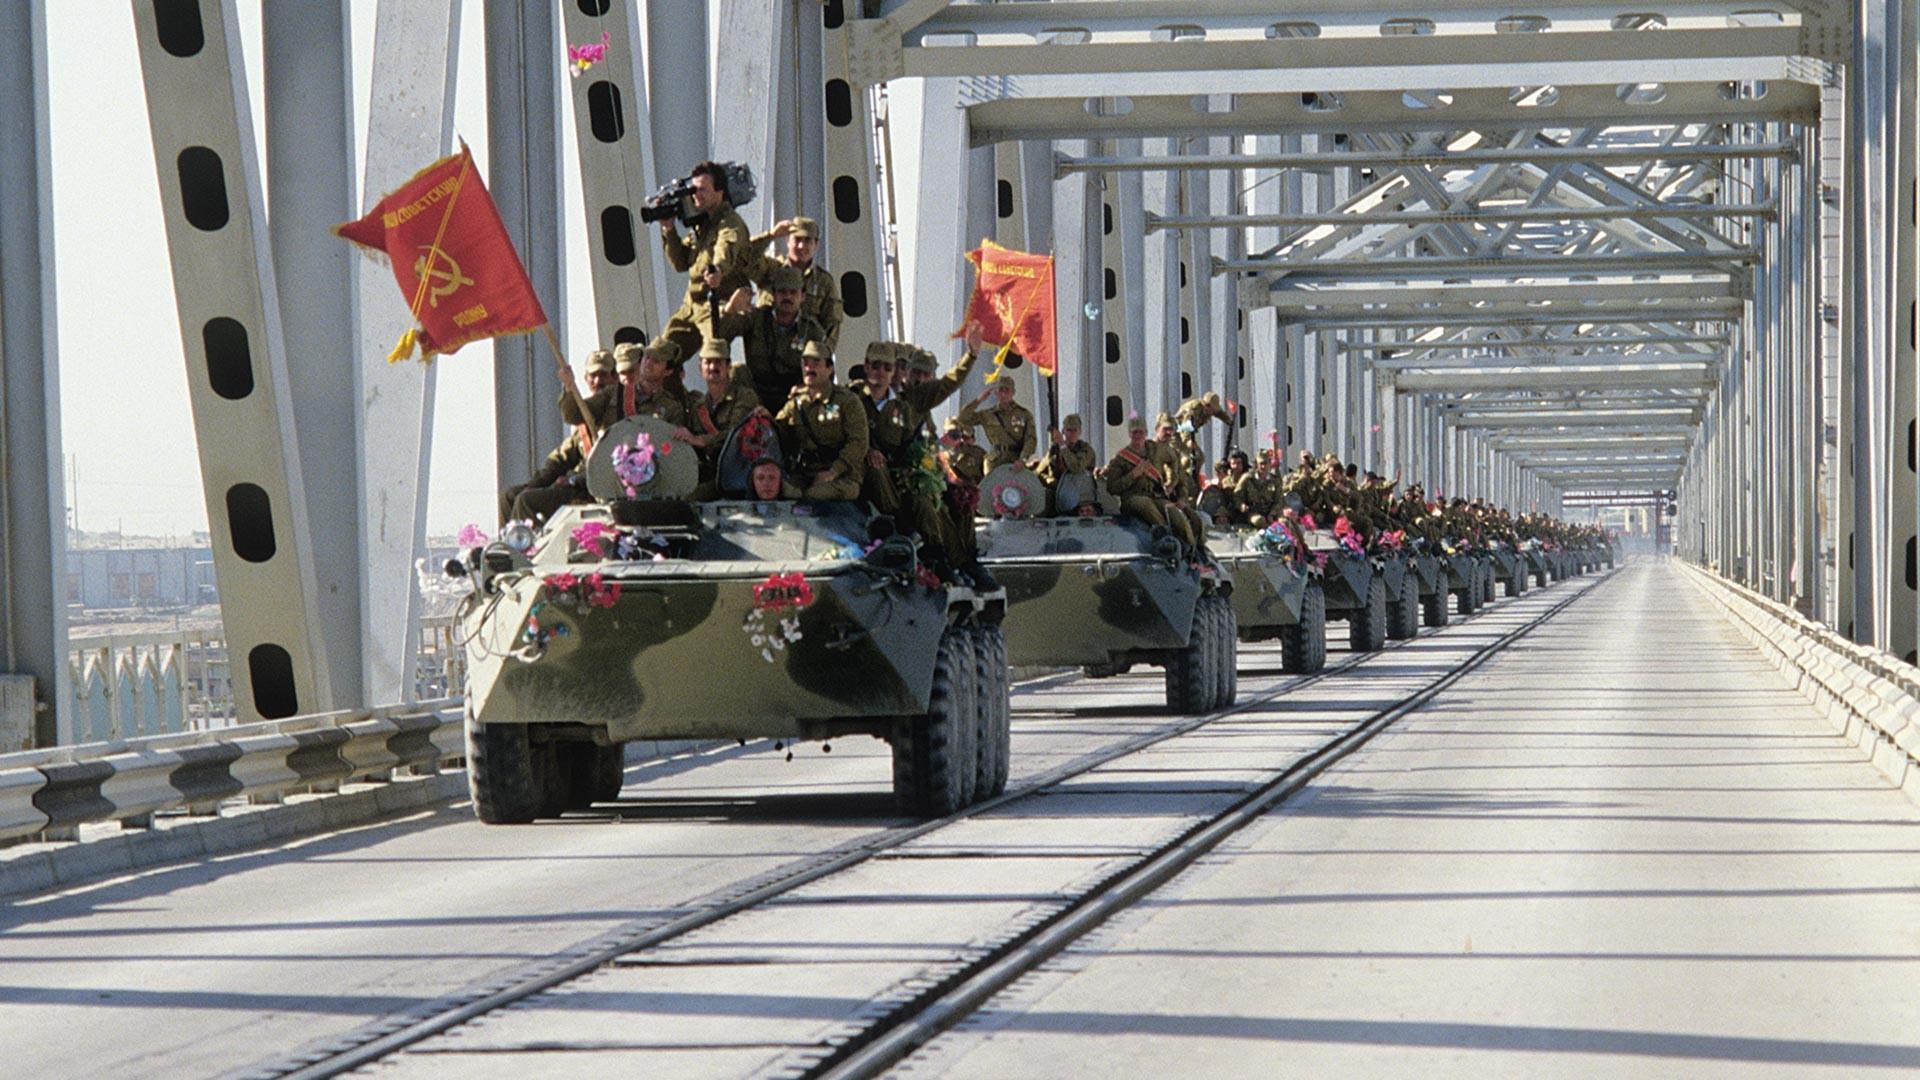 ソ連軍がアフガニスタンから撤退している。最後の部隊がソ連とアフガニスタンの国境を超えている。